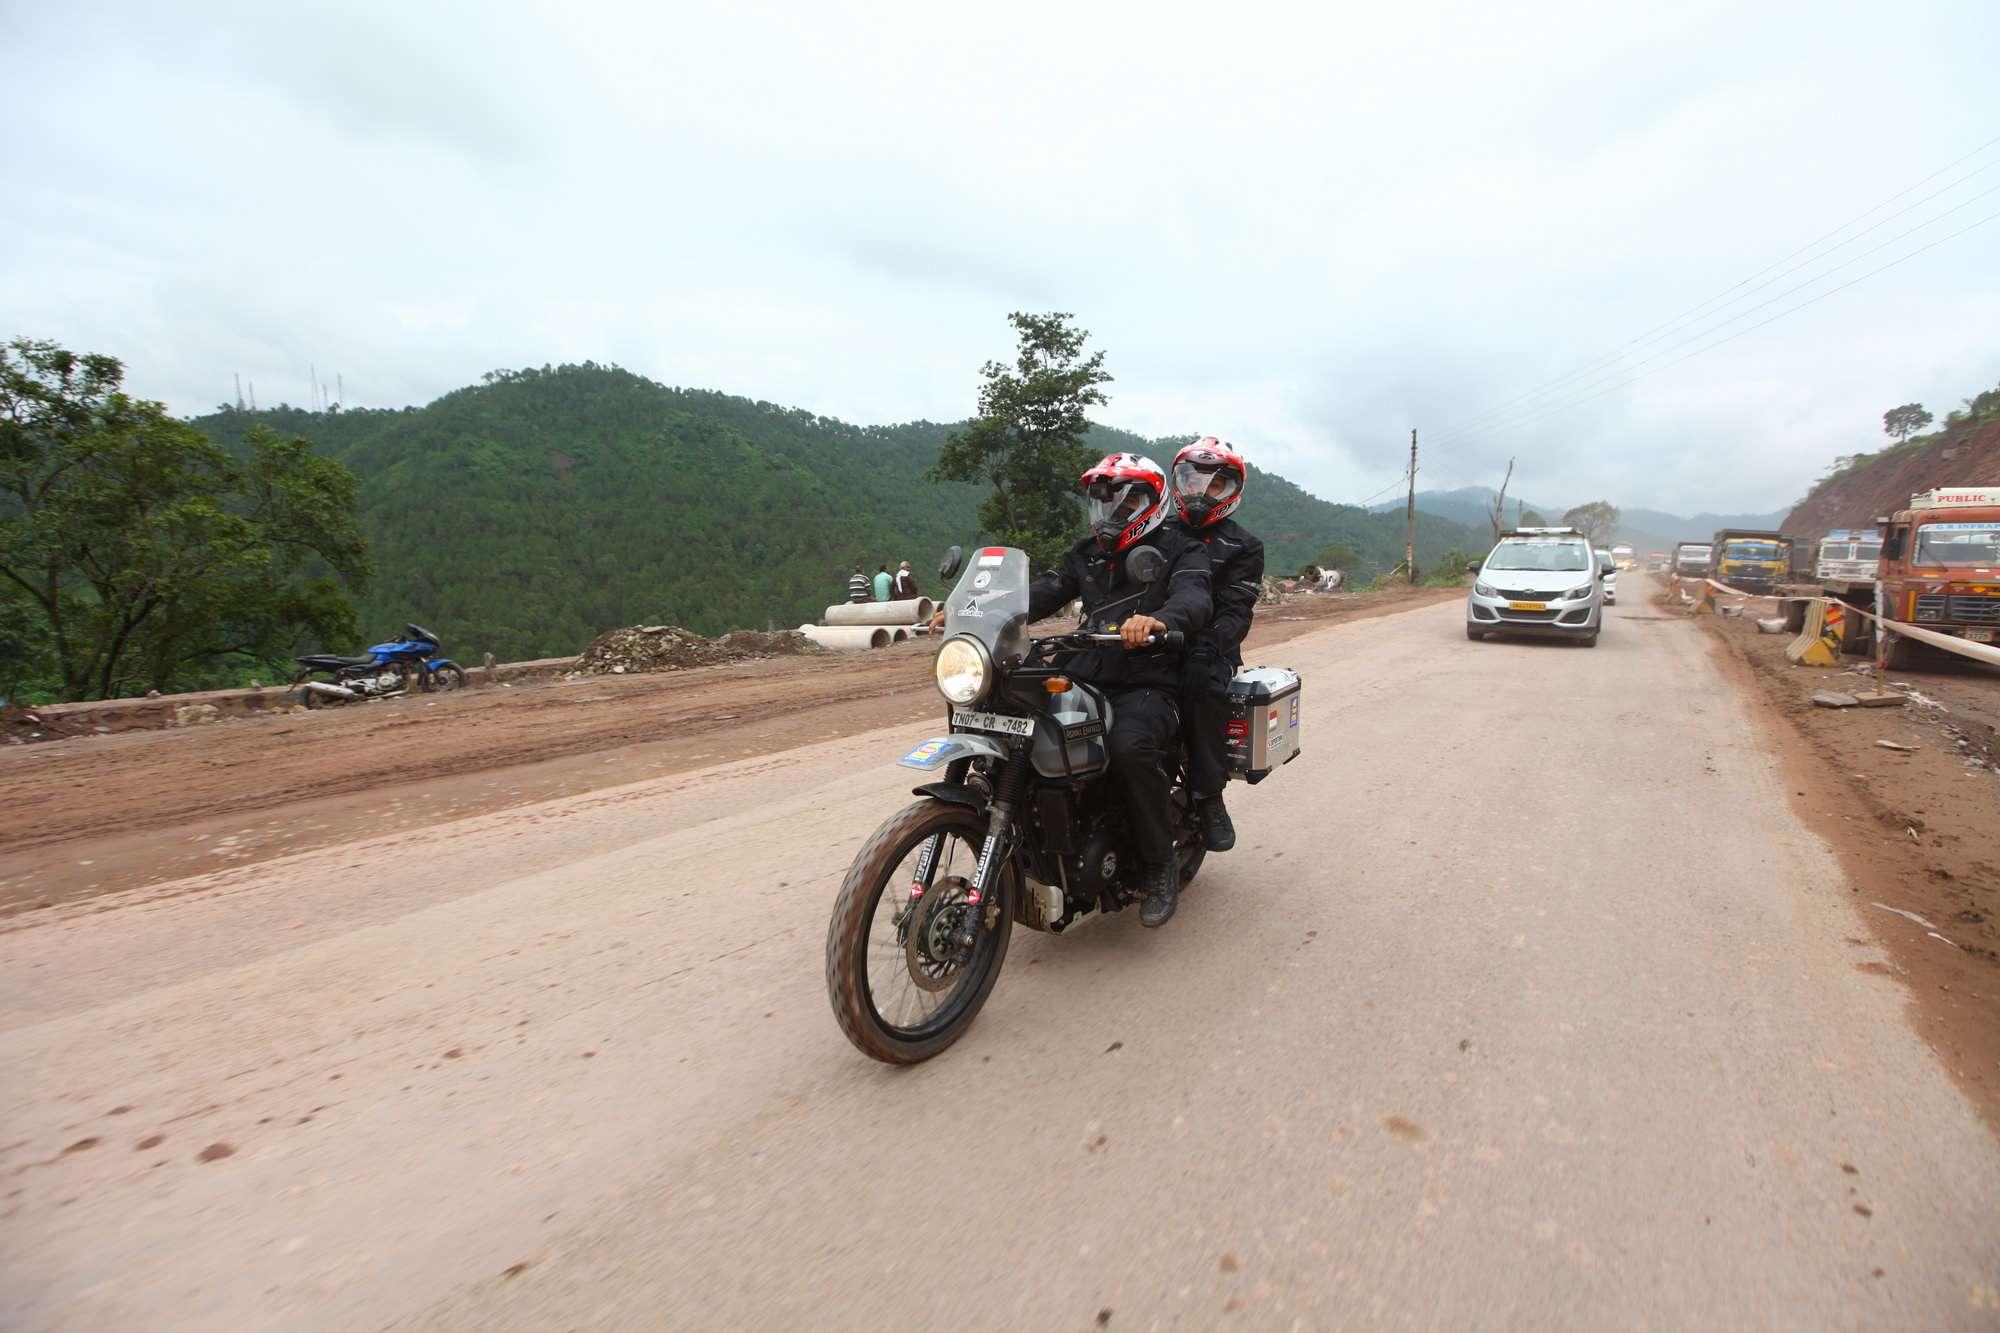 Darius dan Donna Agnesia Bermotor Ke Himalaya, Kini Sampai di Manali